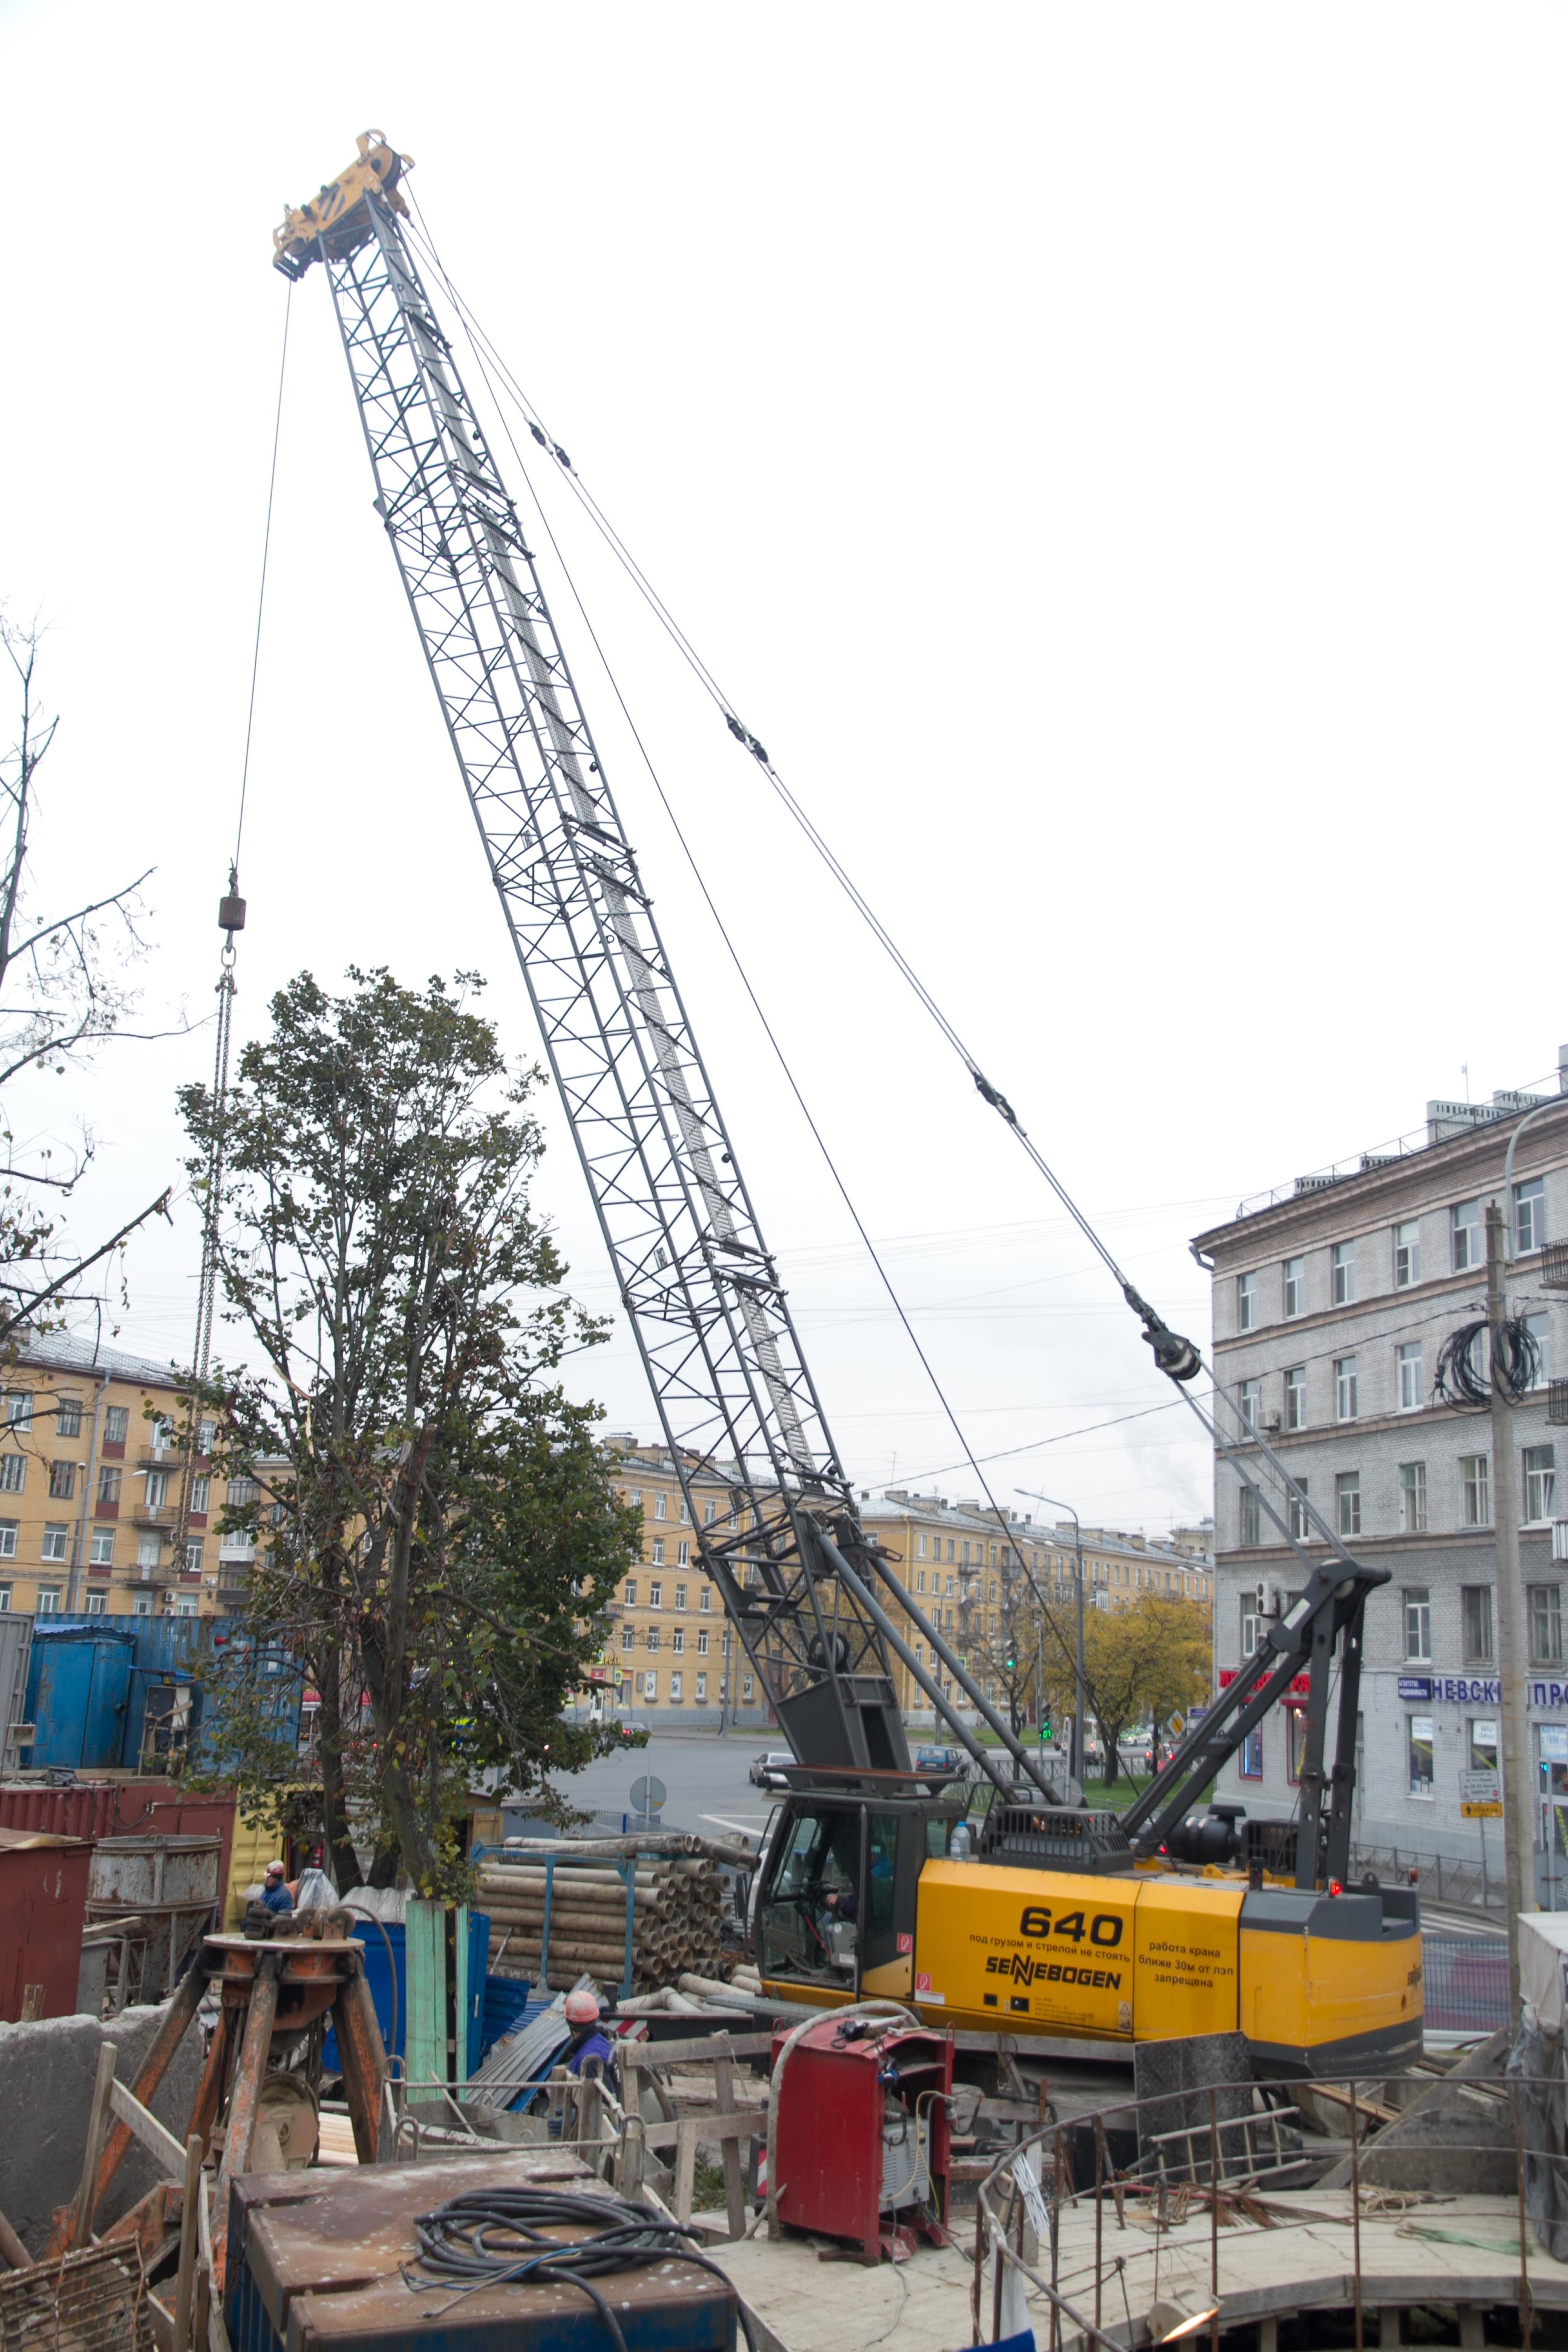 Einer von mehreren SENNEBOGEN Kranen kommt bei VodoKanalStroy in St. Petersburg zur Baustellenlogistik zum Einsatz. Der SENNEBOGEN 640 mit Mobilunterwagen besticht dabei durch hohe Leistungsfähigkeit und beste Zuverlässigkeit.